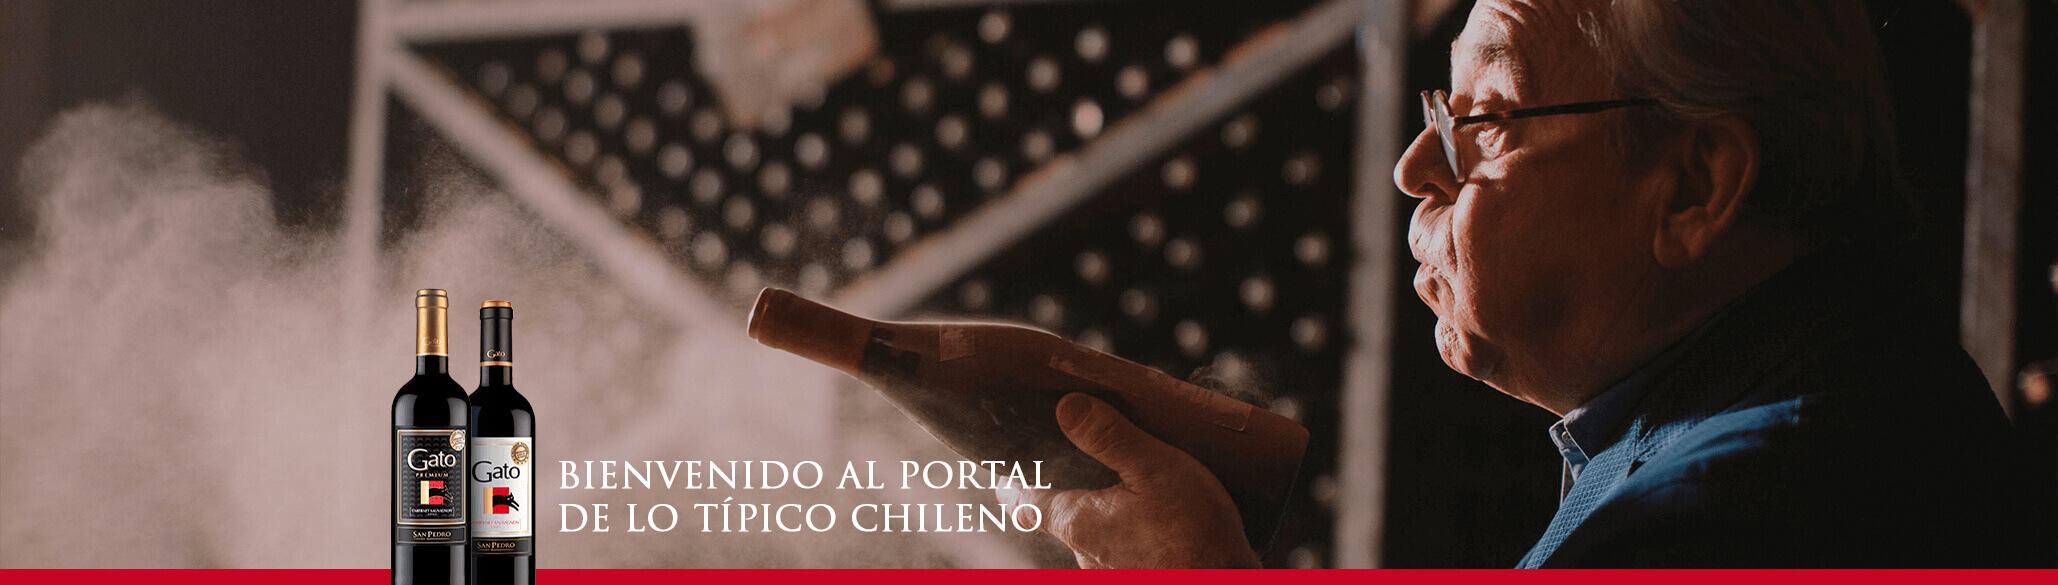 Vino Gato | Típico Chileno